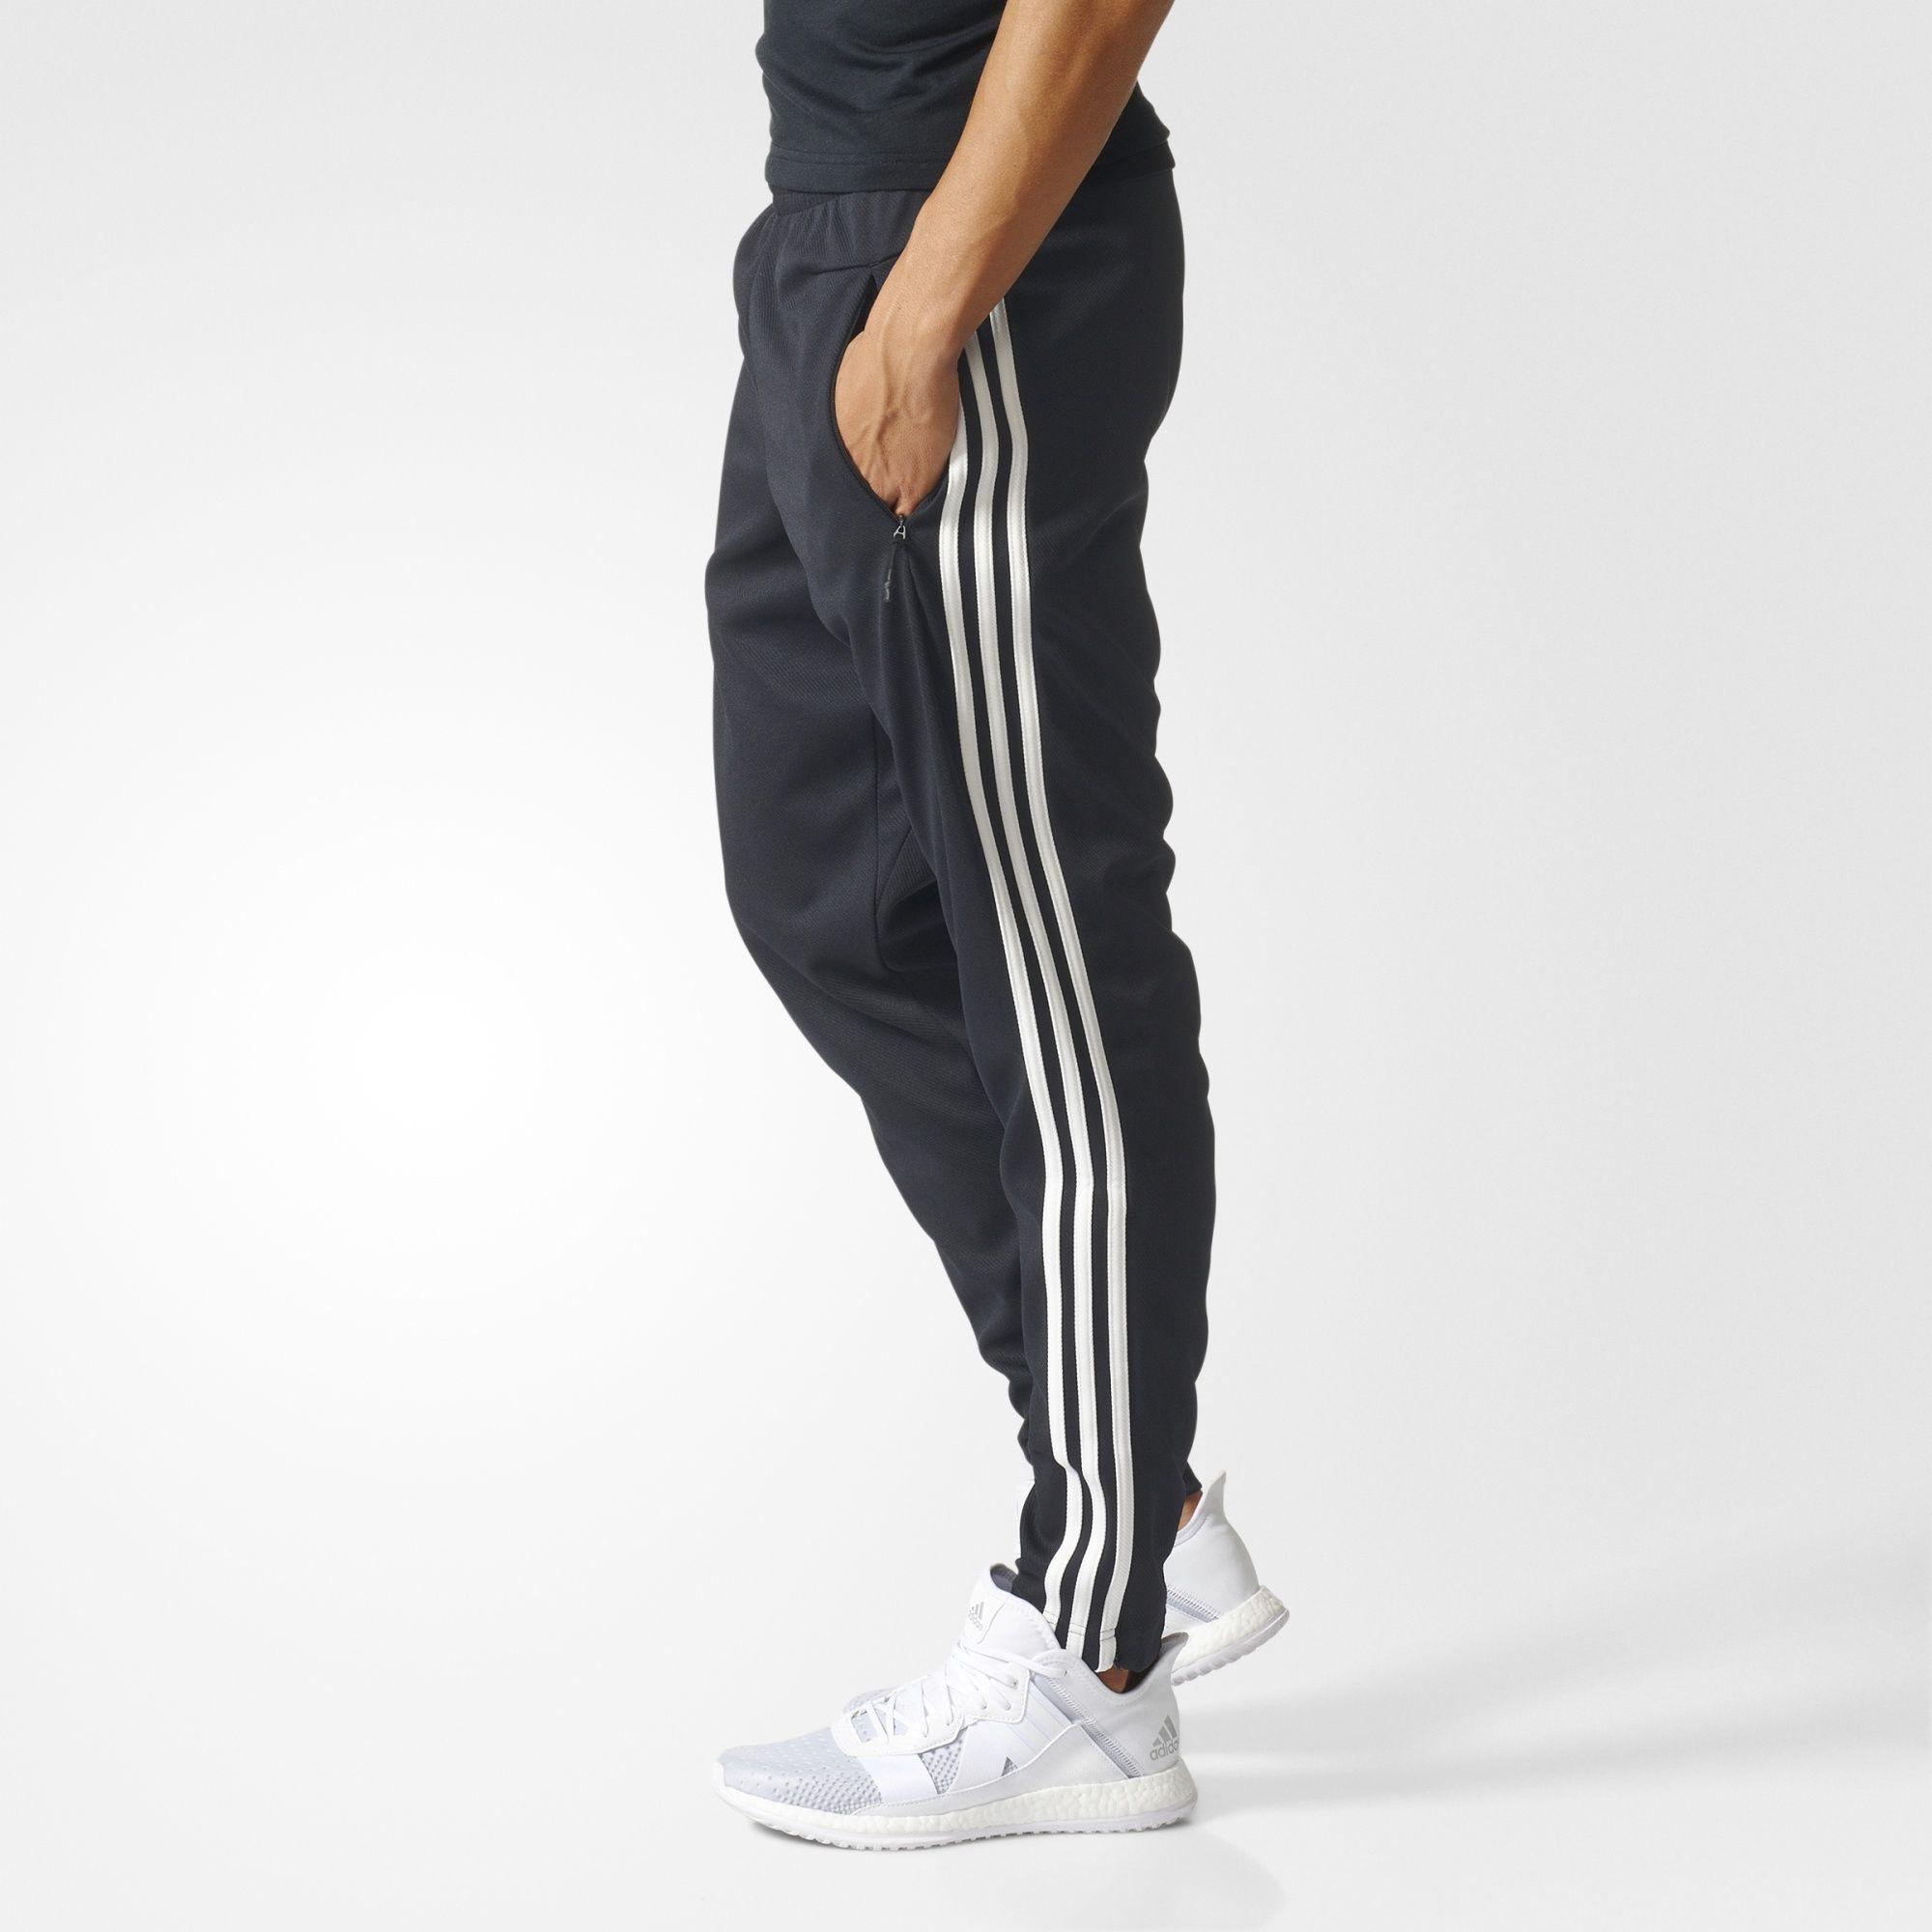 Adidas 3 Spodnie Pants Yo Stripe Stripes Tiro Pinterest rEPqr